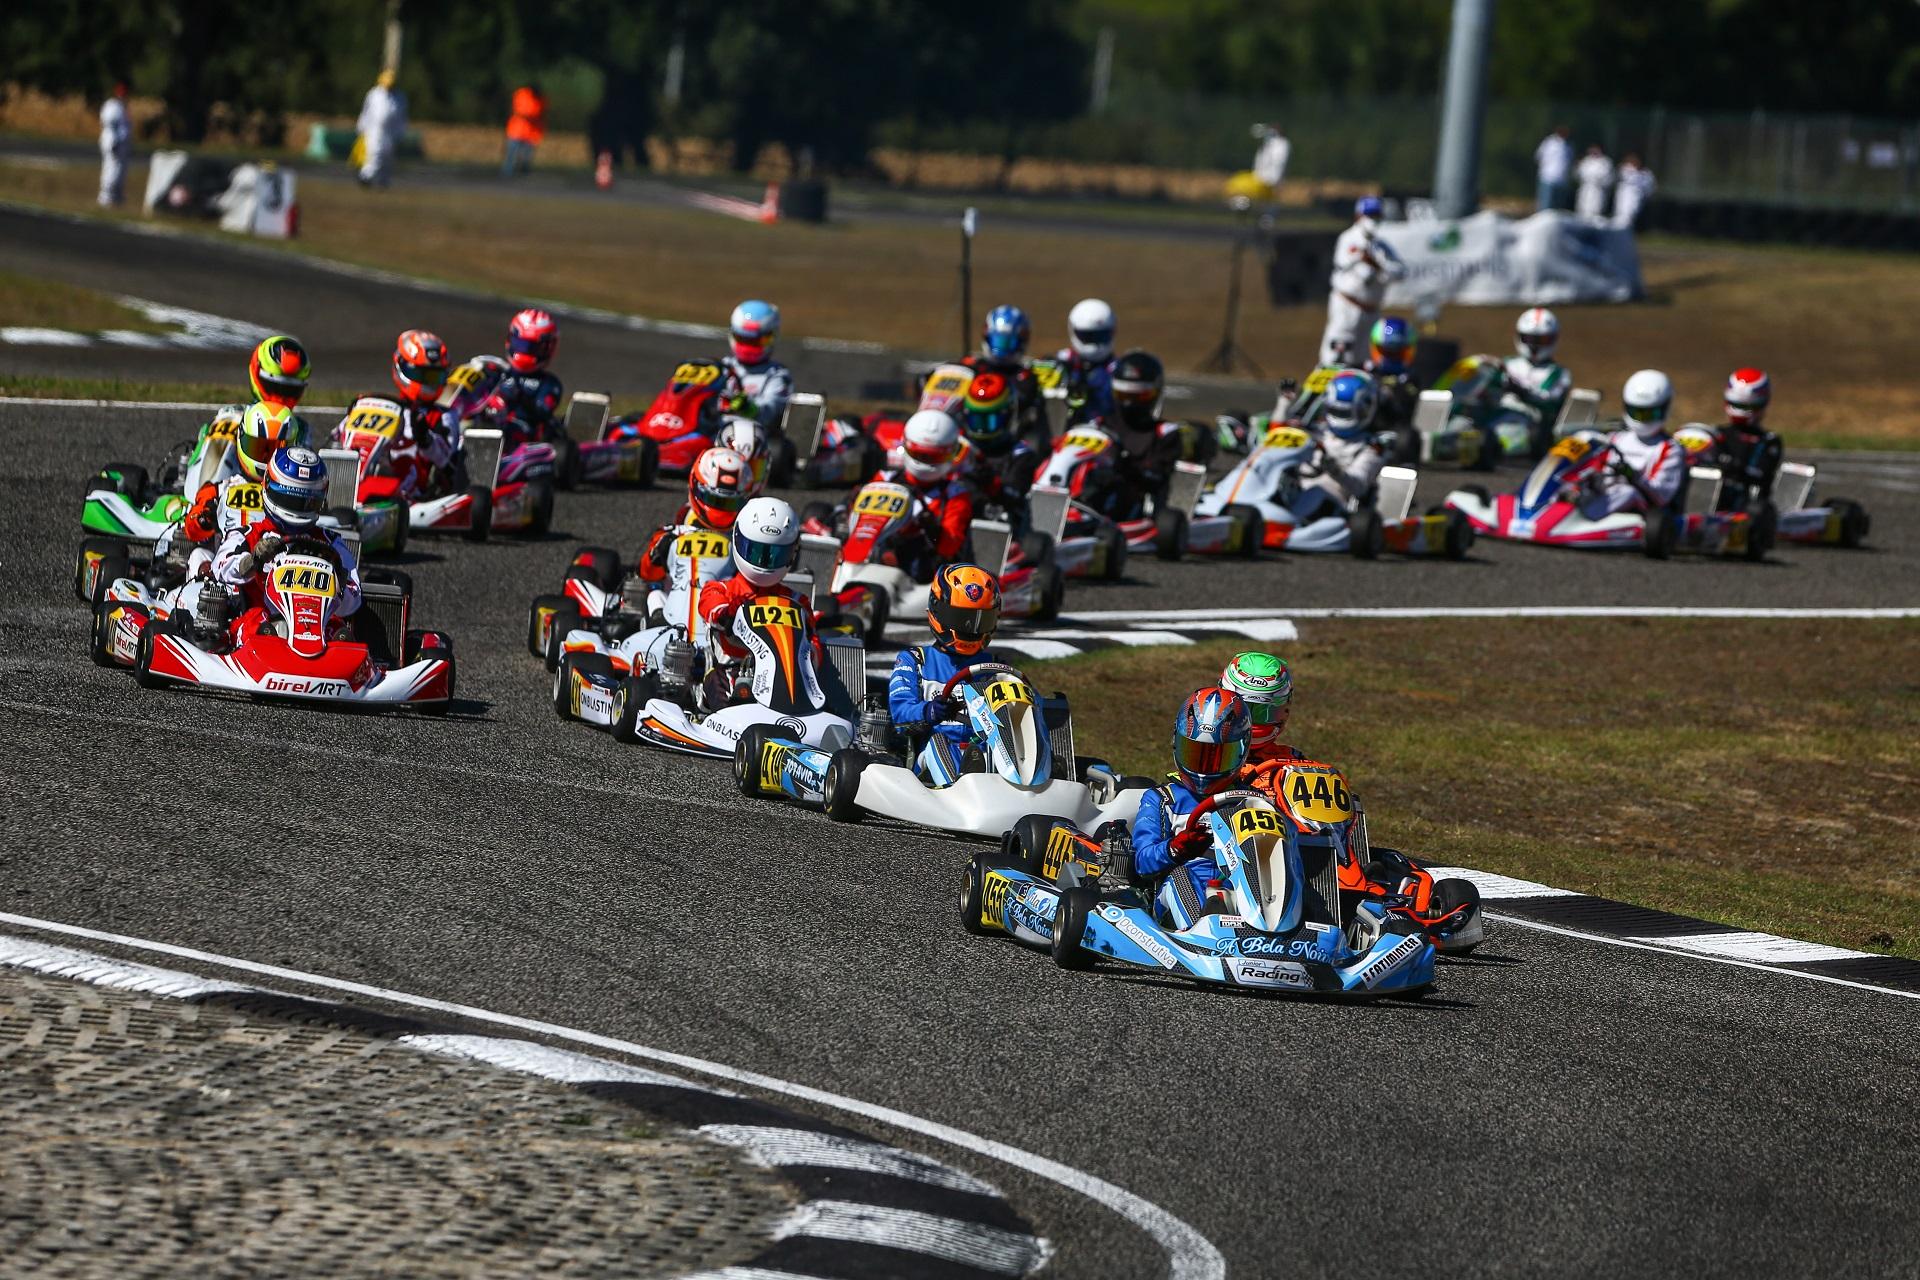 Campeonato de Portugal de Karting KIA atribuíra títulos no próximo fim de semana em Braga